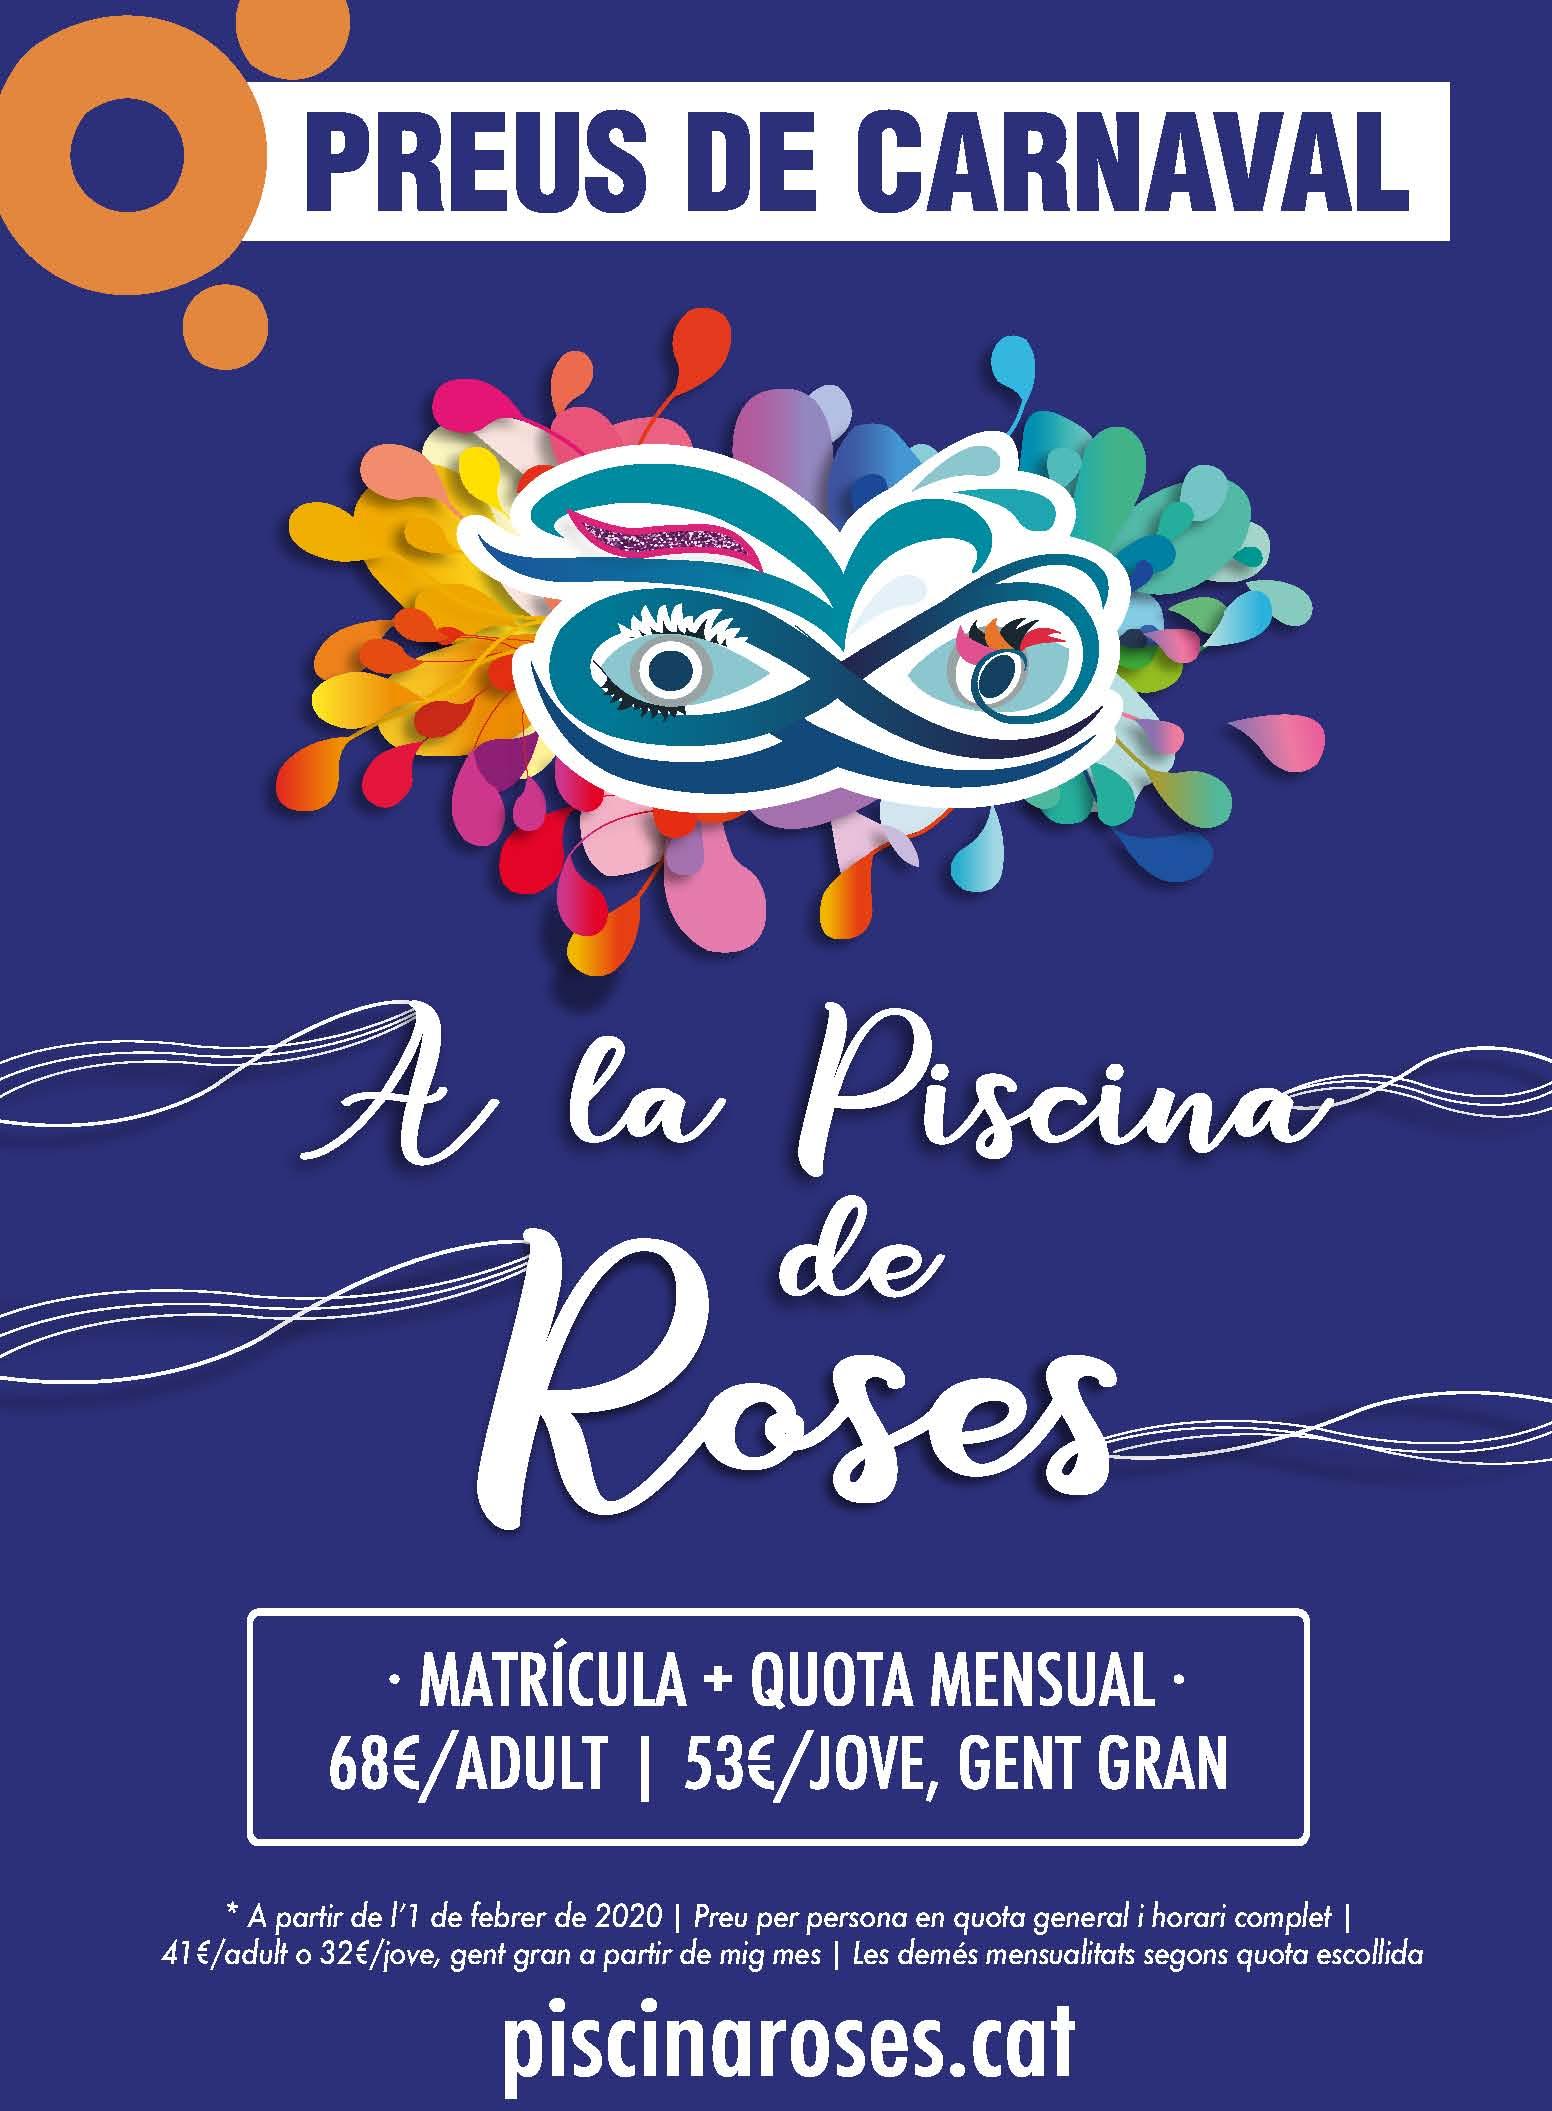 Preus de Carnaval a la Piscina de Roses